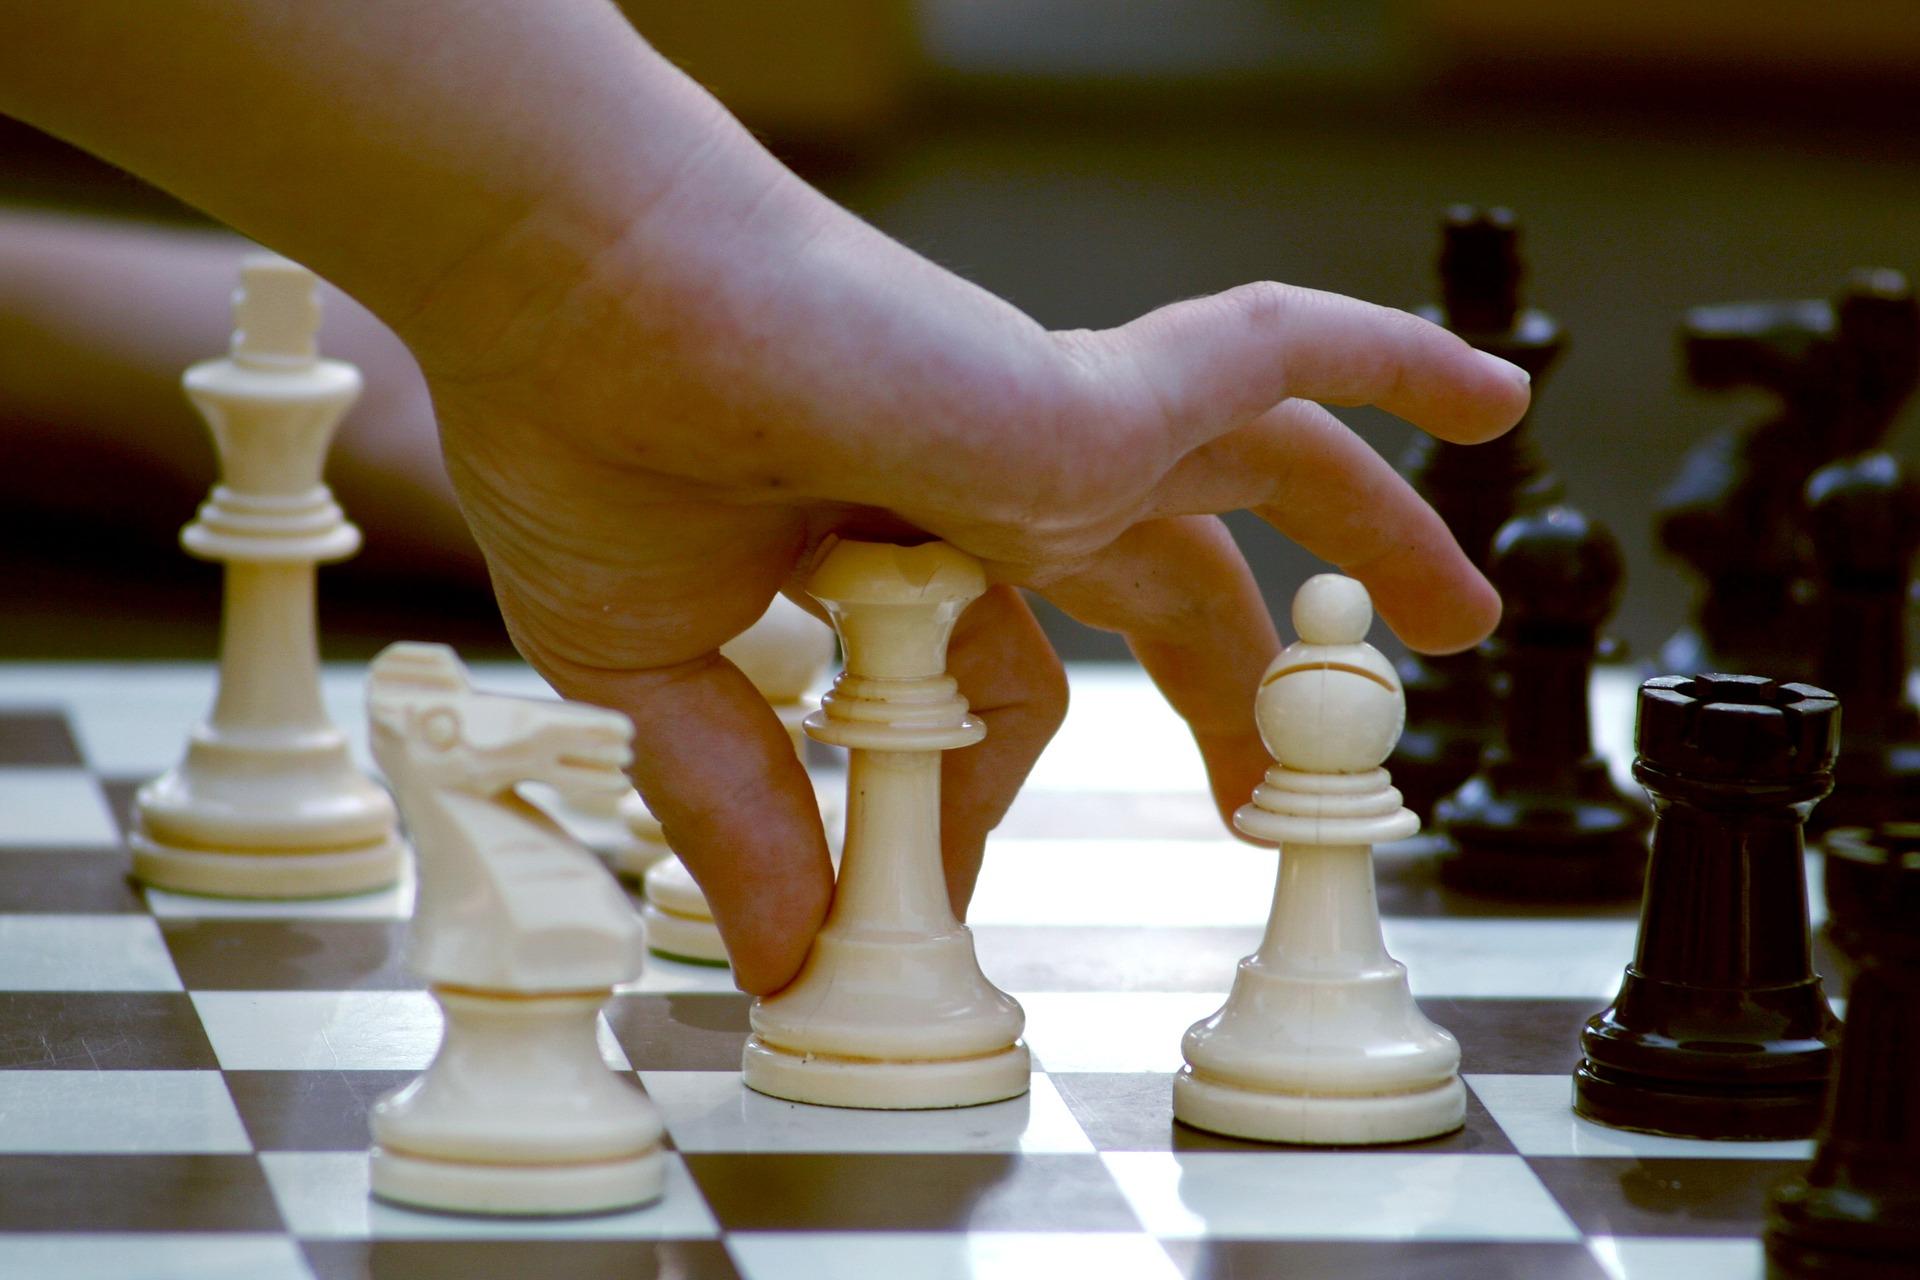 Planejamento estratégico pessoal: já fez o seu?